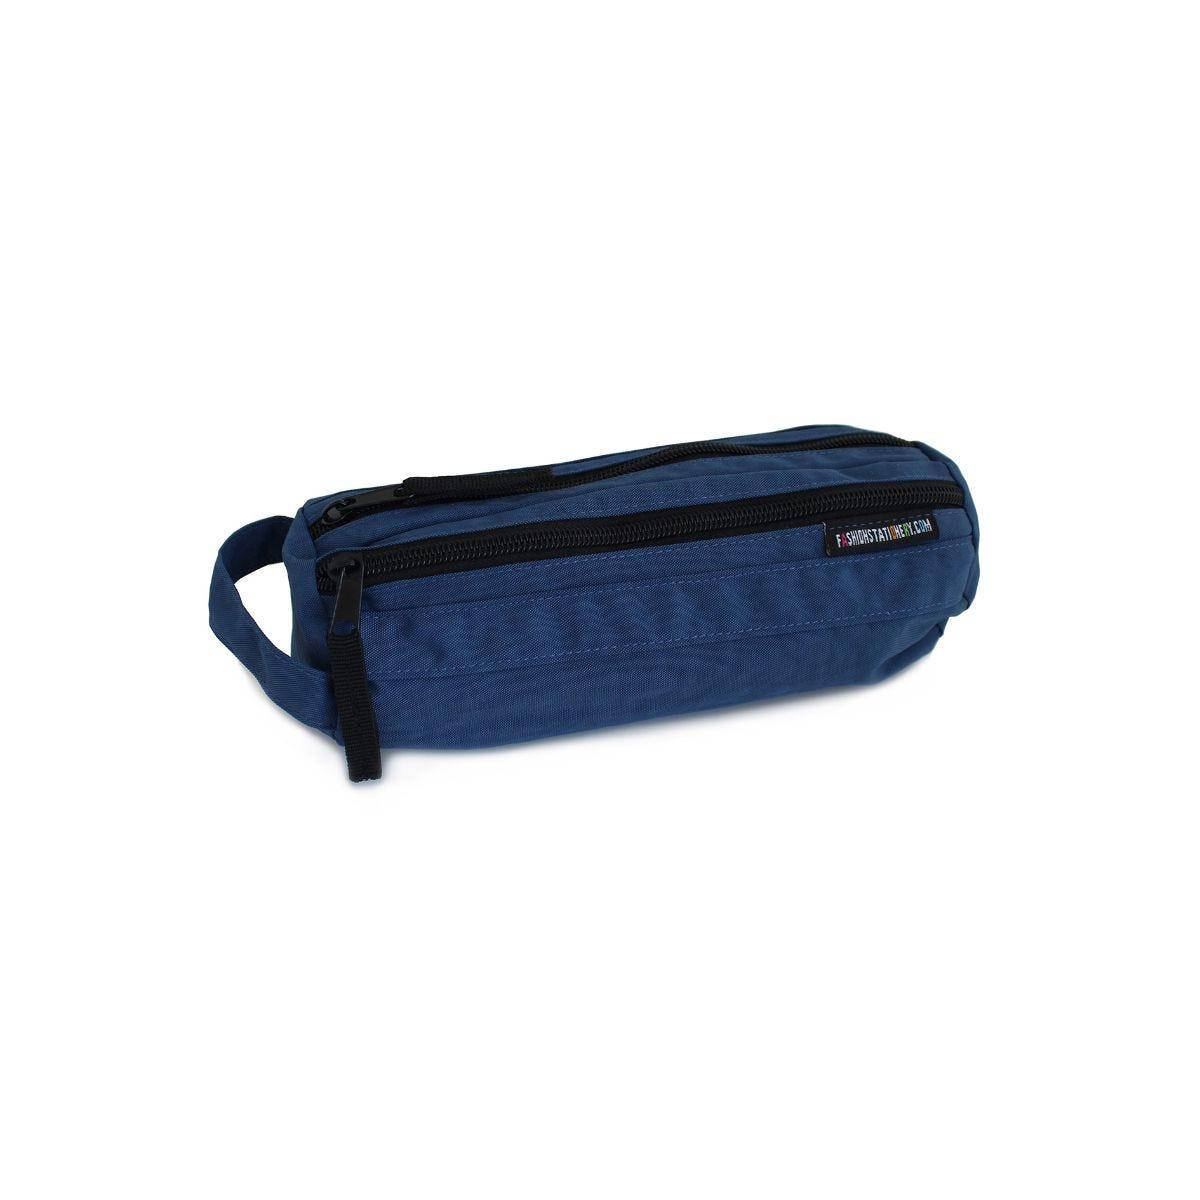 Image of 2 Zip Canvas Pencil Case Blue, Blue